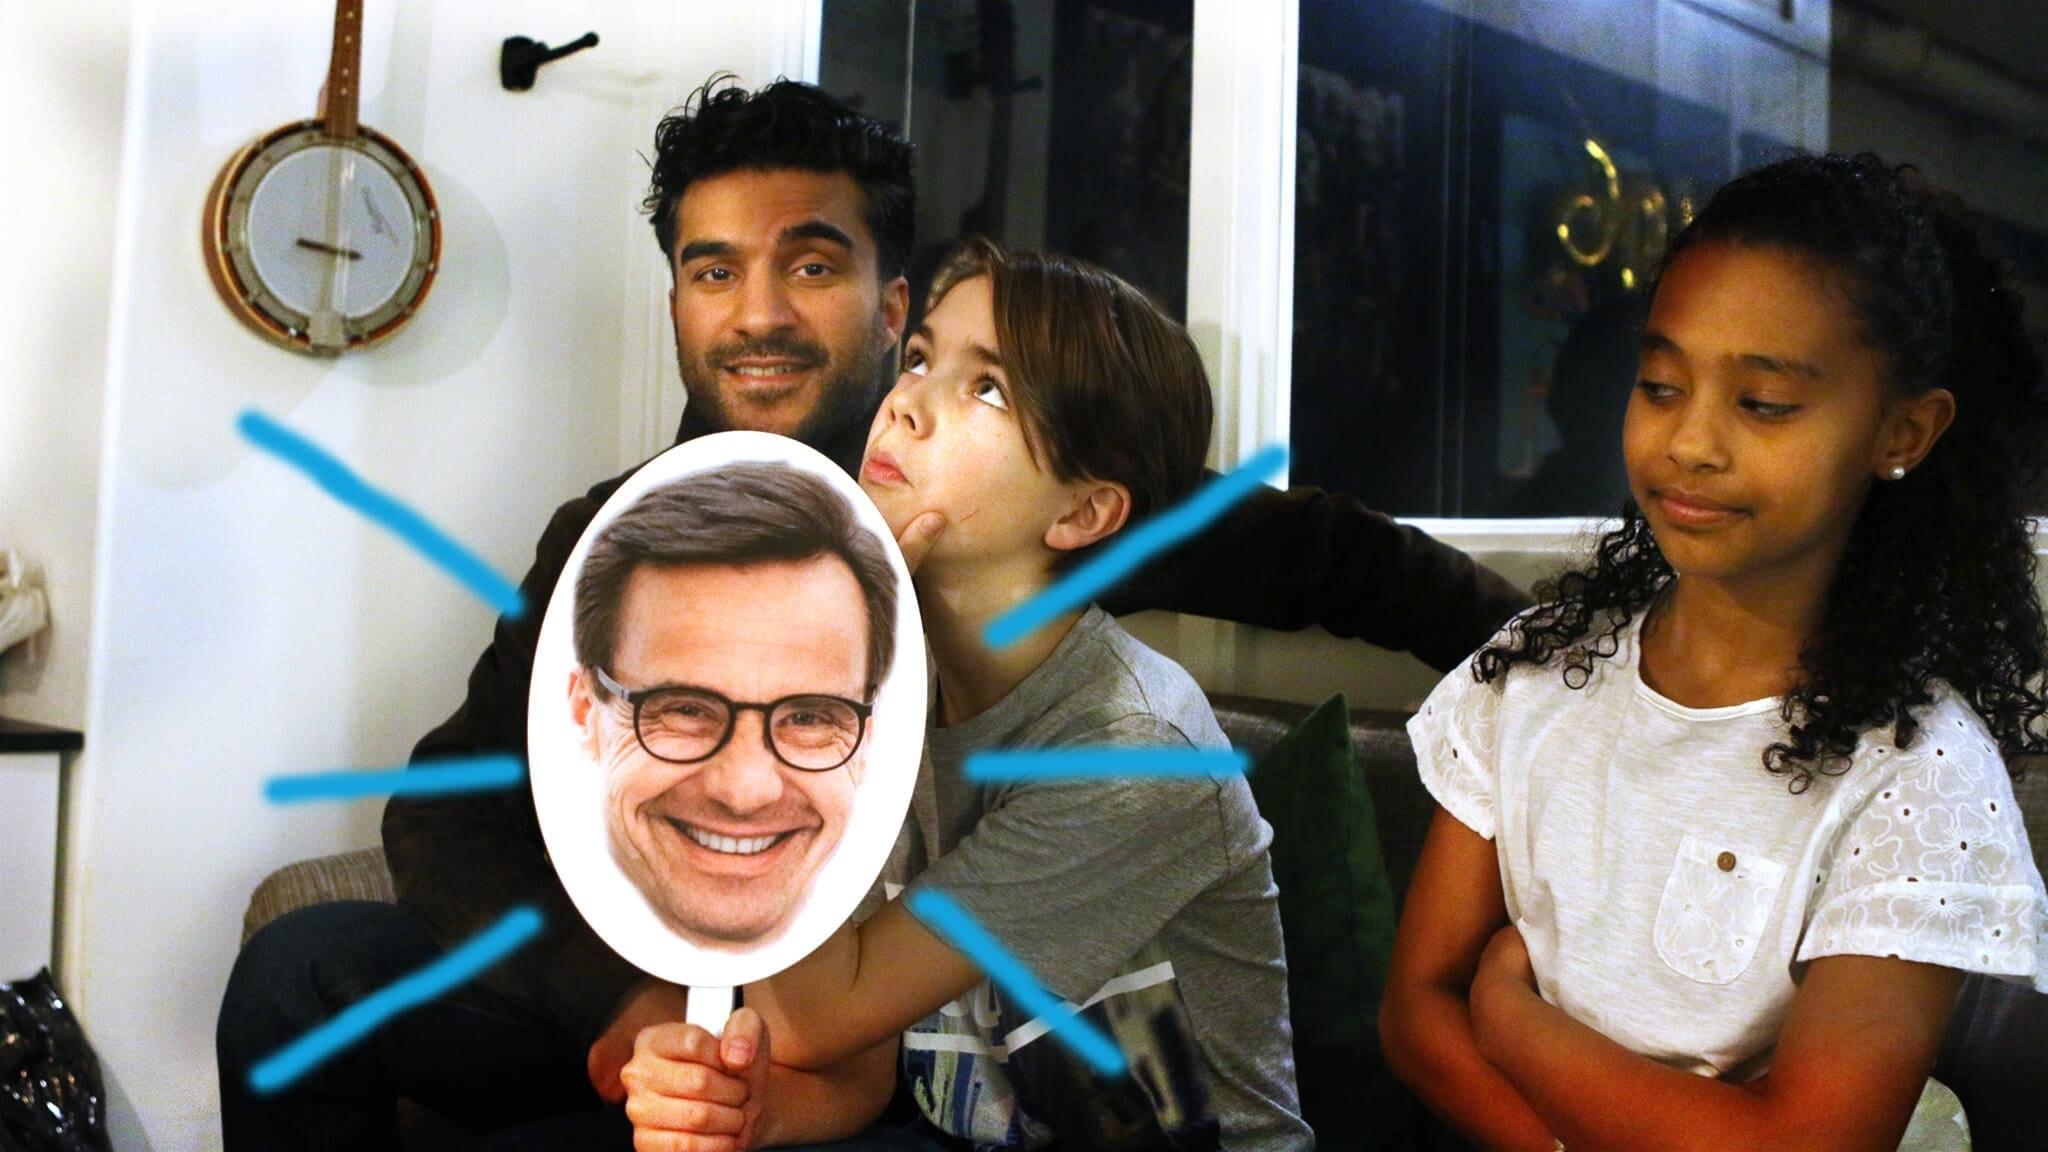 Nils, Negwa och Farzad sitter i en soffa. Nils håller i en pappfigur av Moderaternas partiledare Ulf Kristersson.